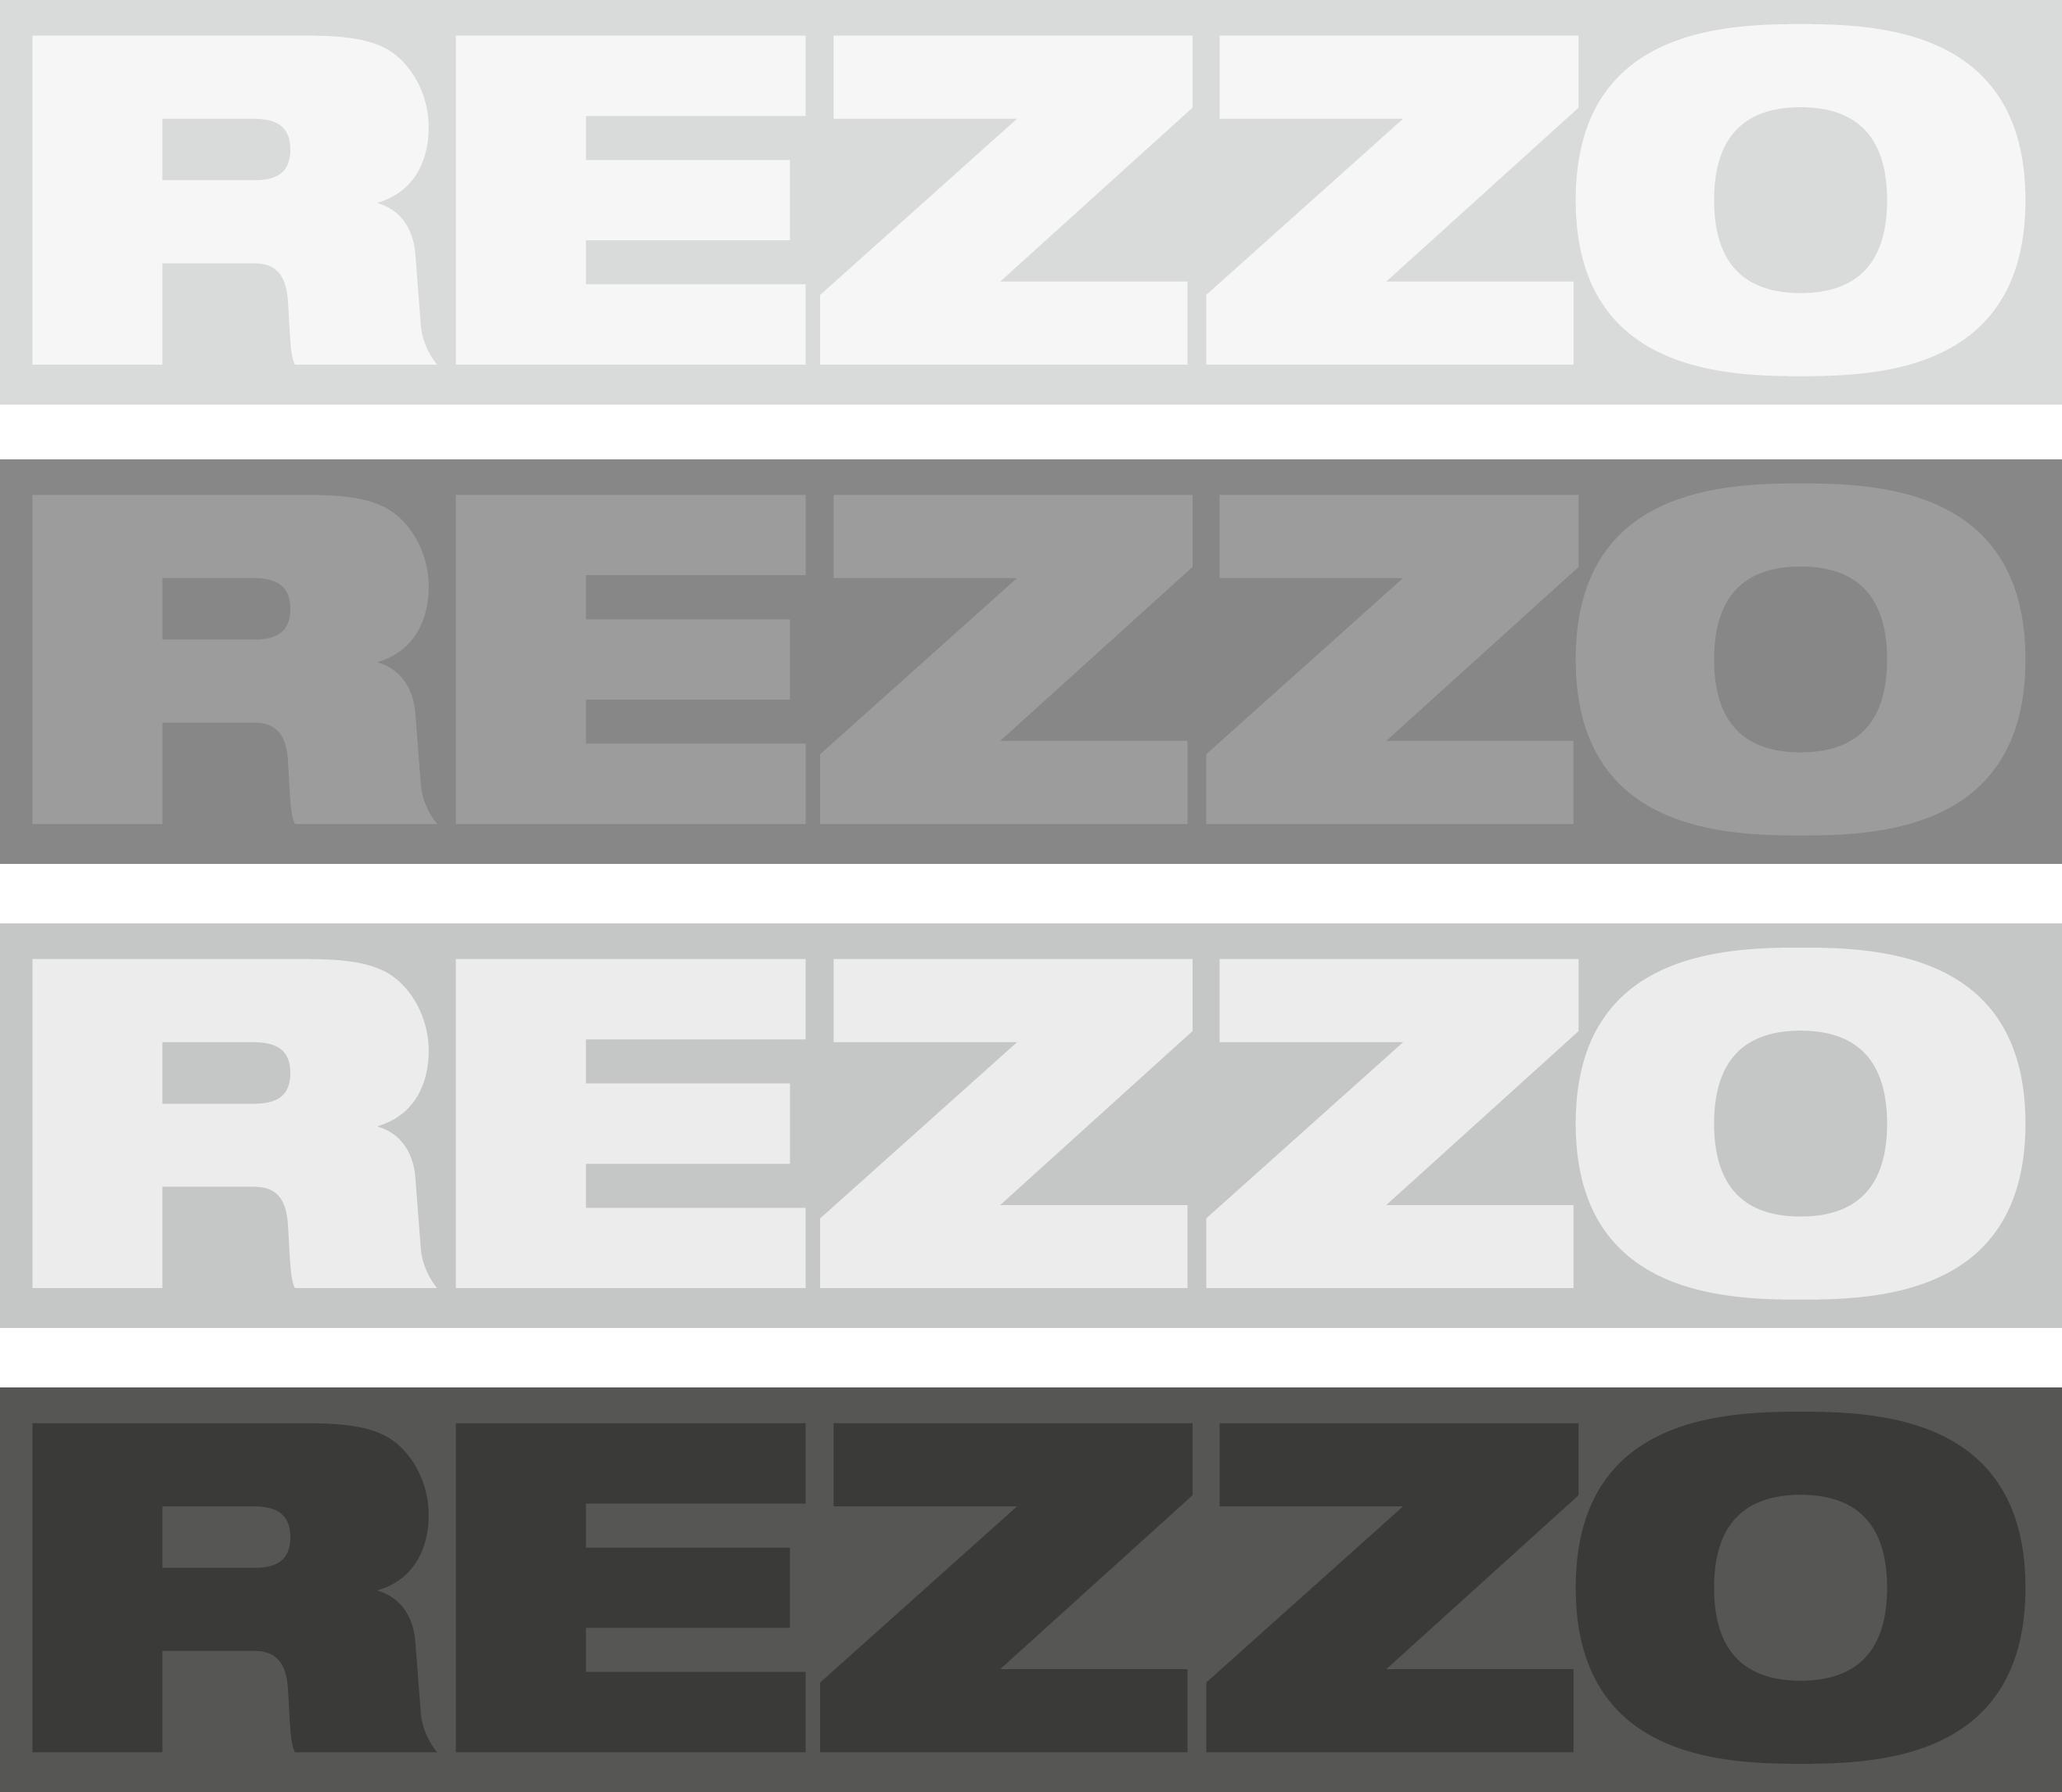 rezzo_logo_réseau_créatif_polomarco_2020